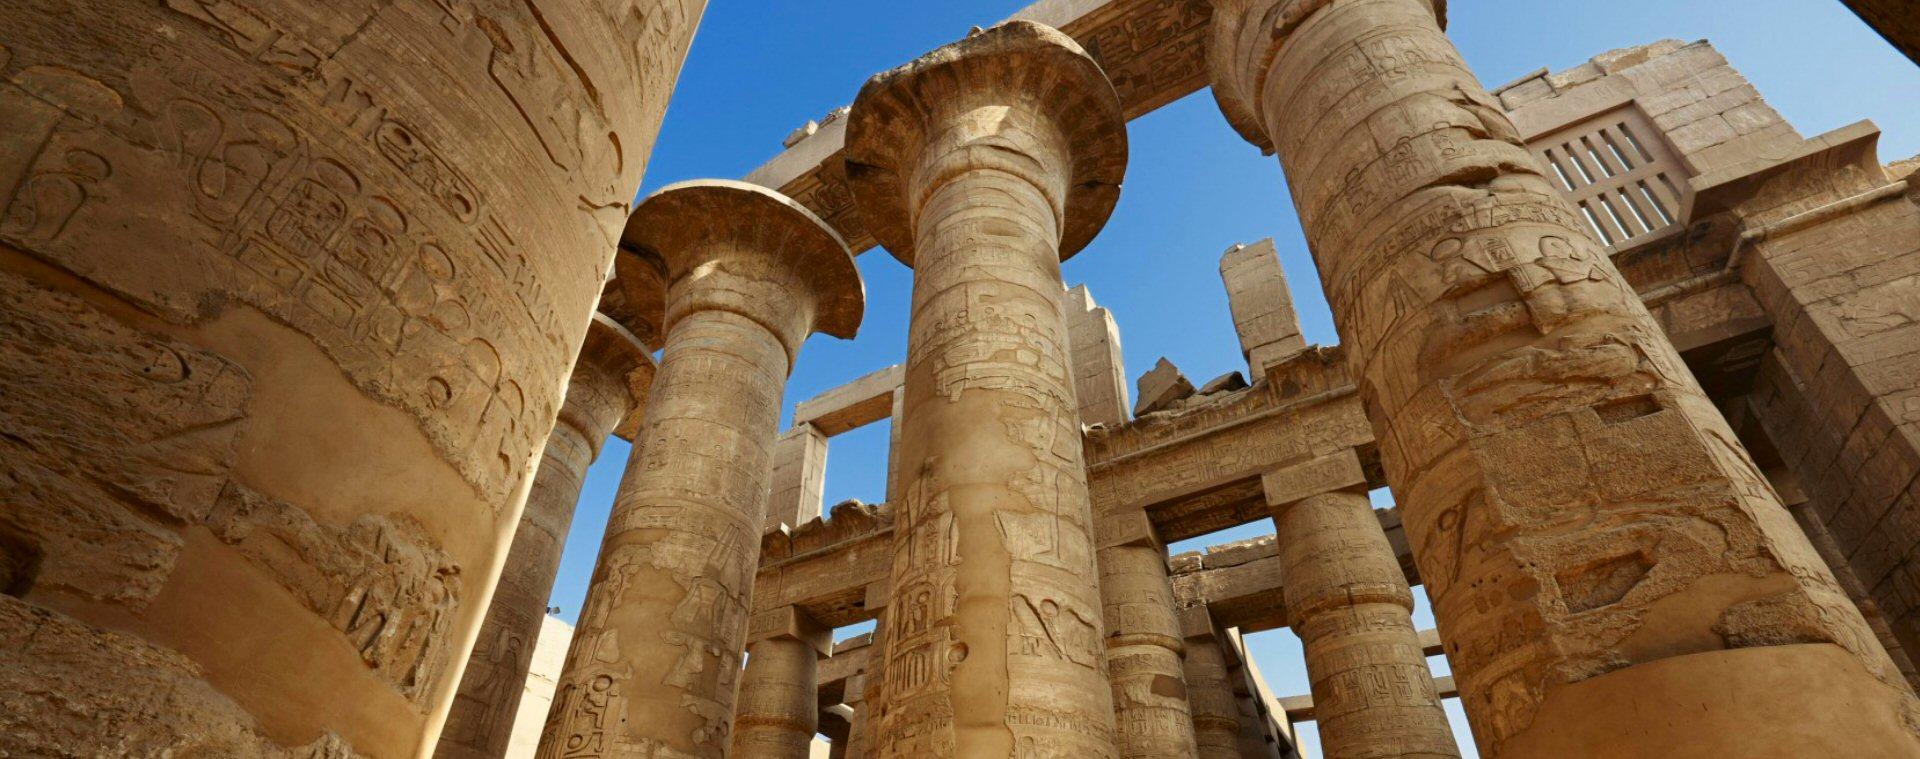 53-civiltà_egizia_slid3